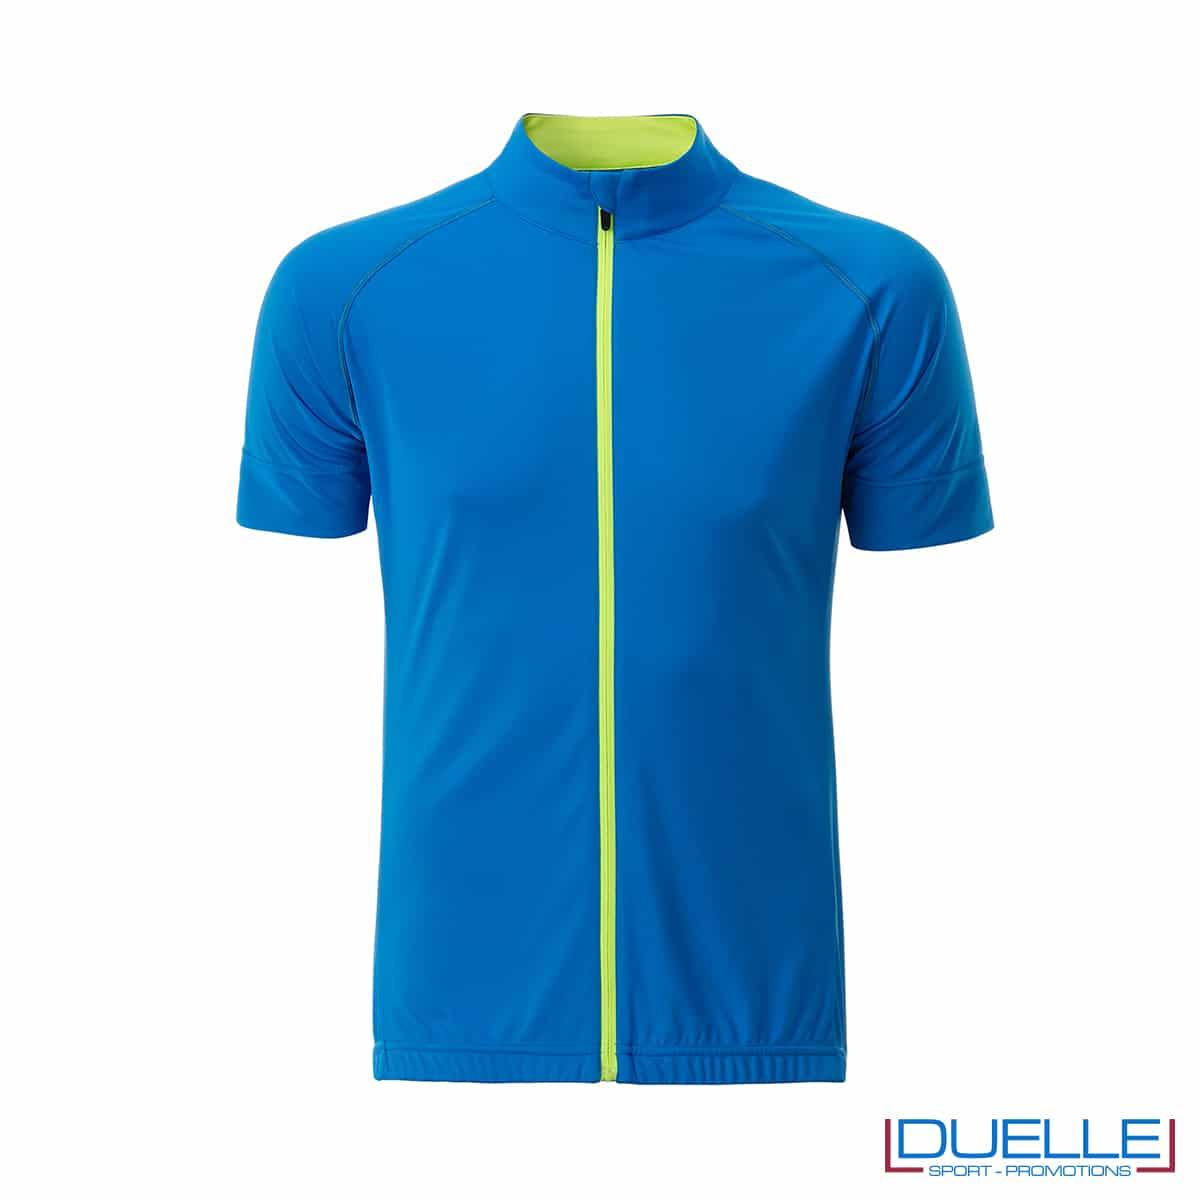 polo con full zip ciclismo maschile azzurra